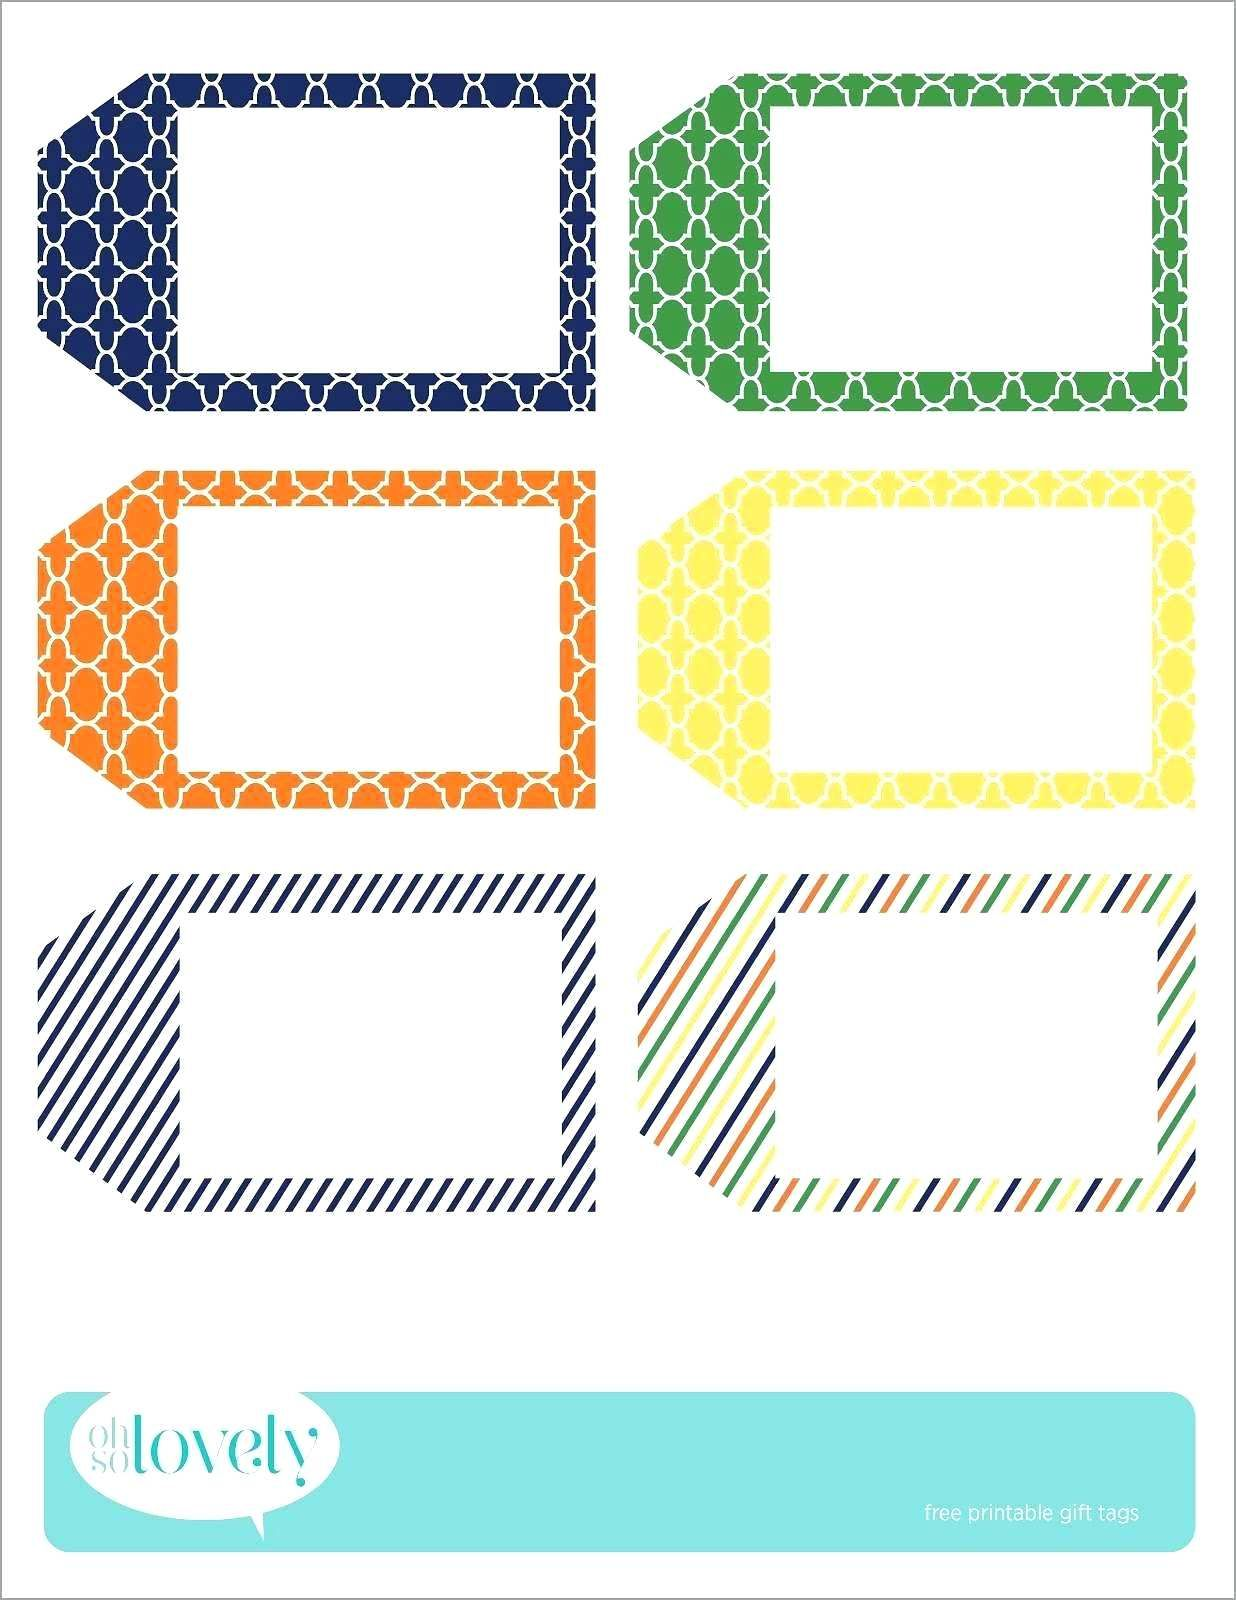 The Amazing Printable Blank Gift Tags Template Verypage Co For Free Gift Tag Templa Gift Tag Template Free Gift Tag Template Gift Tag Template Free Printable